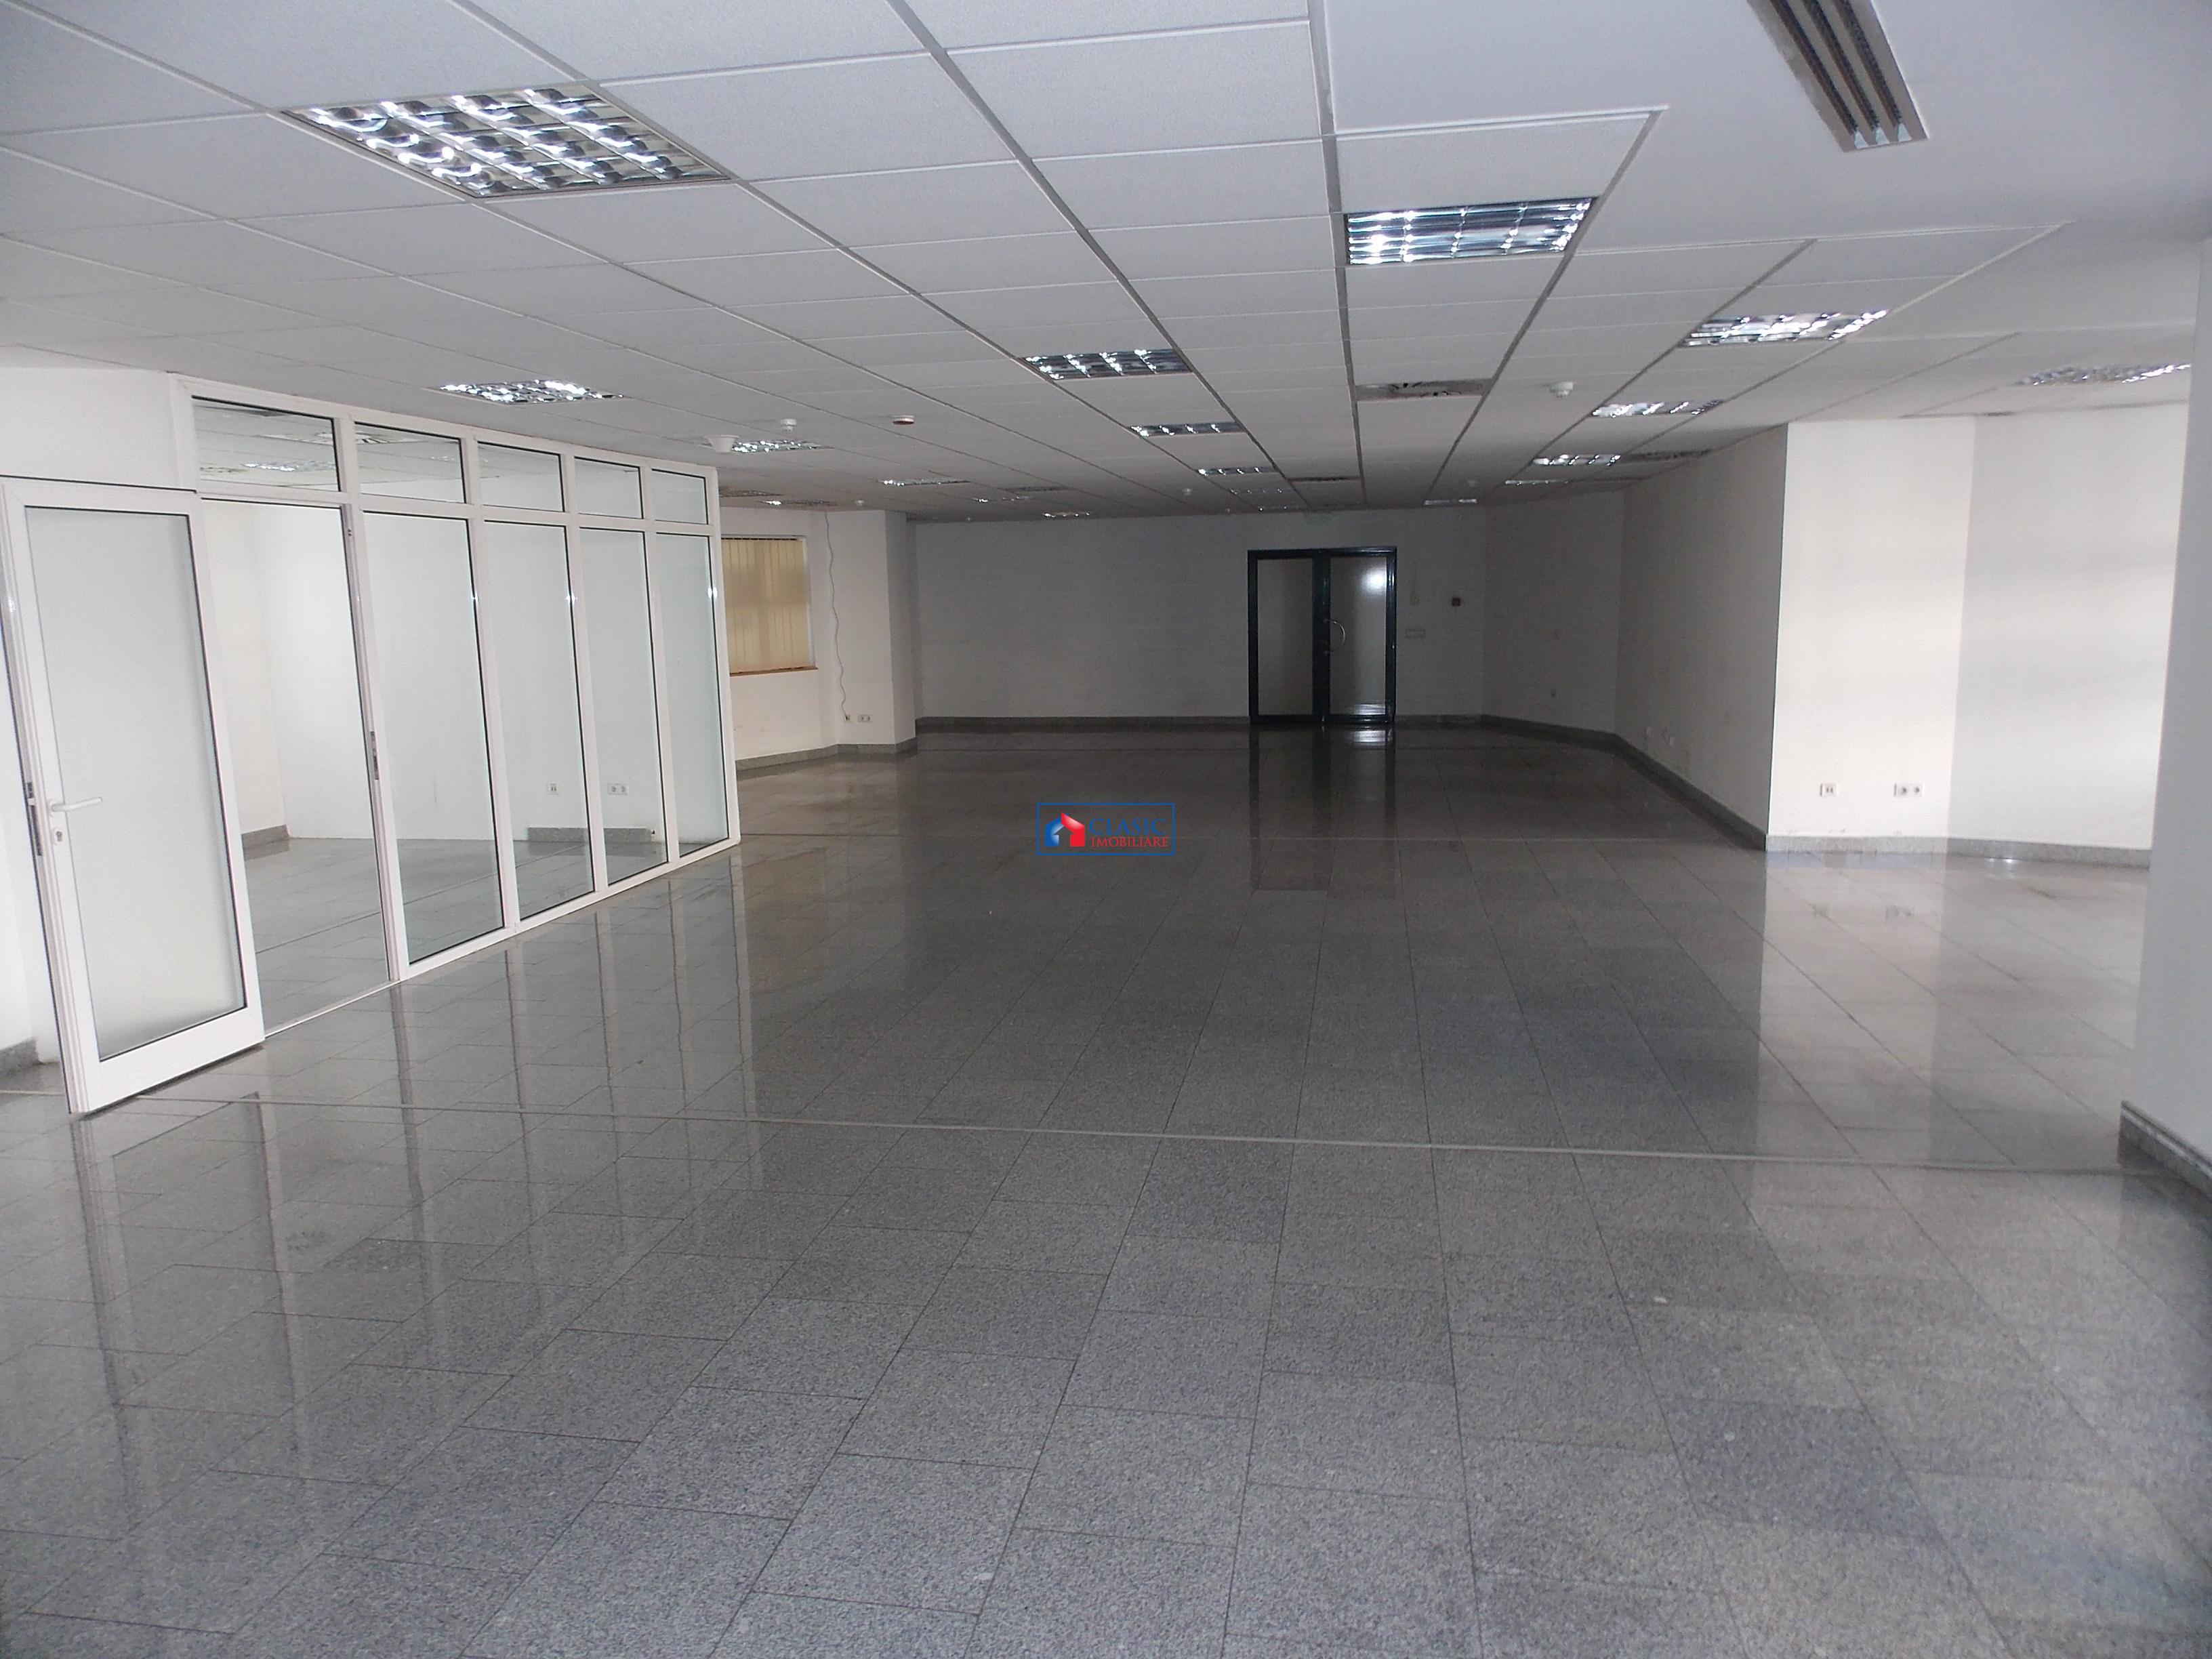 Inchiriere spatiu comercial/bancar 200 Mp in Centru, Cluj-Napoca